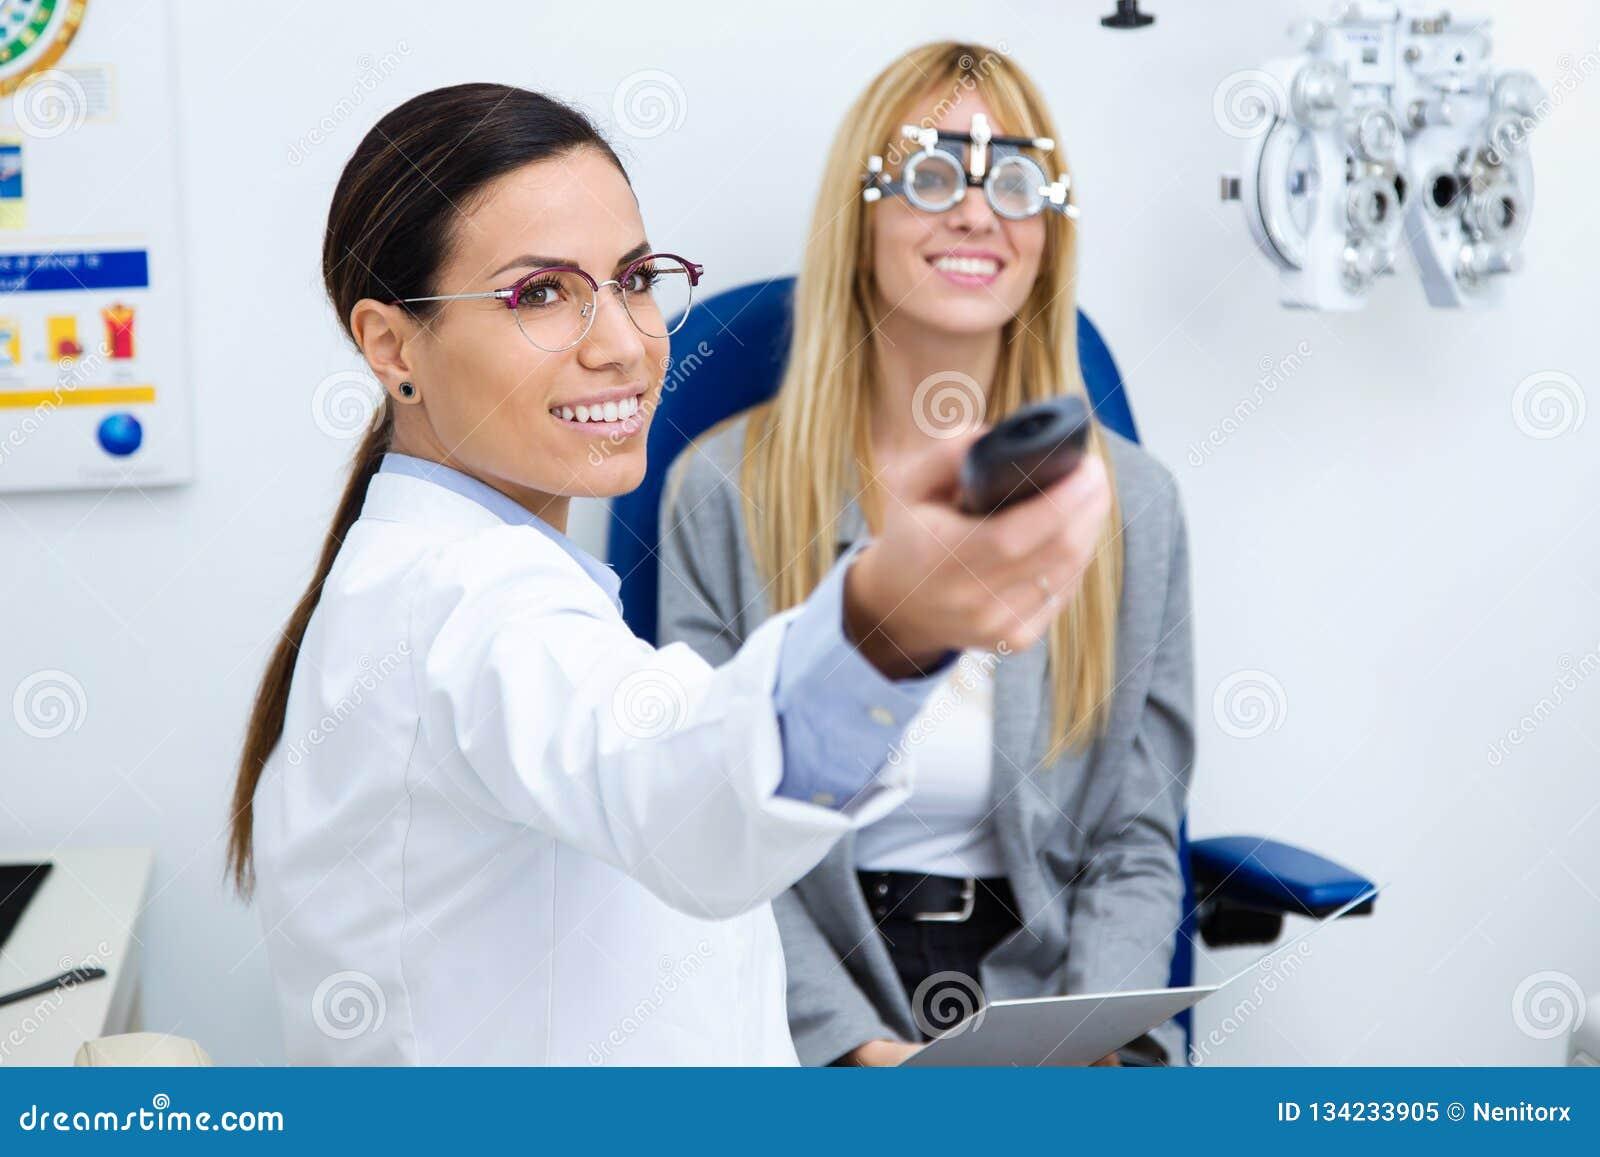 Optometrist женщины с пробной рамкой проверяя зрение пациента на клинике глаза Селективный фокус на докторе